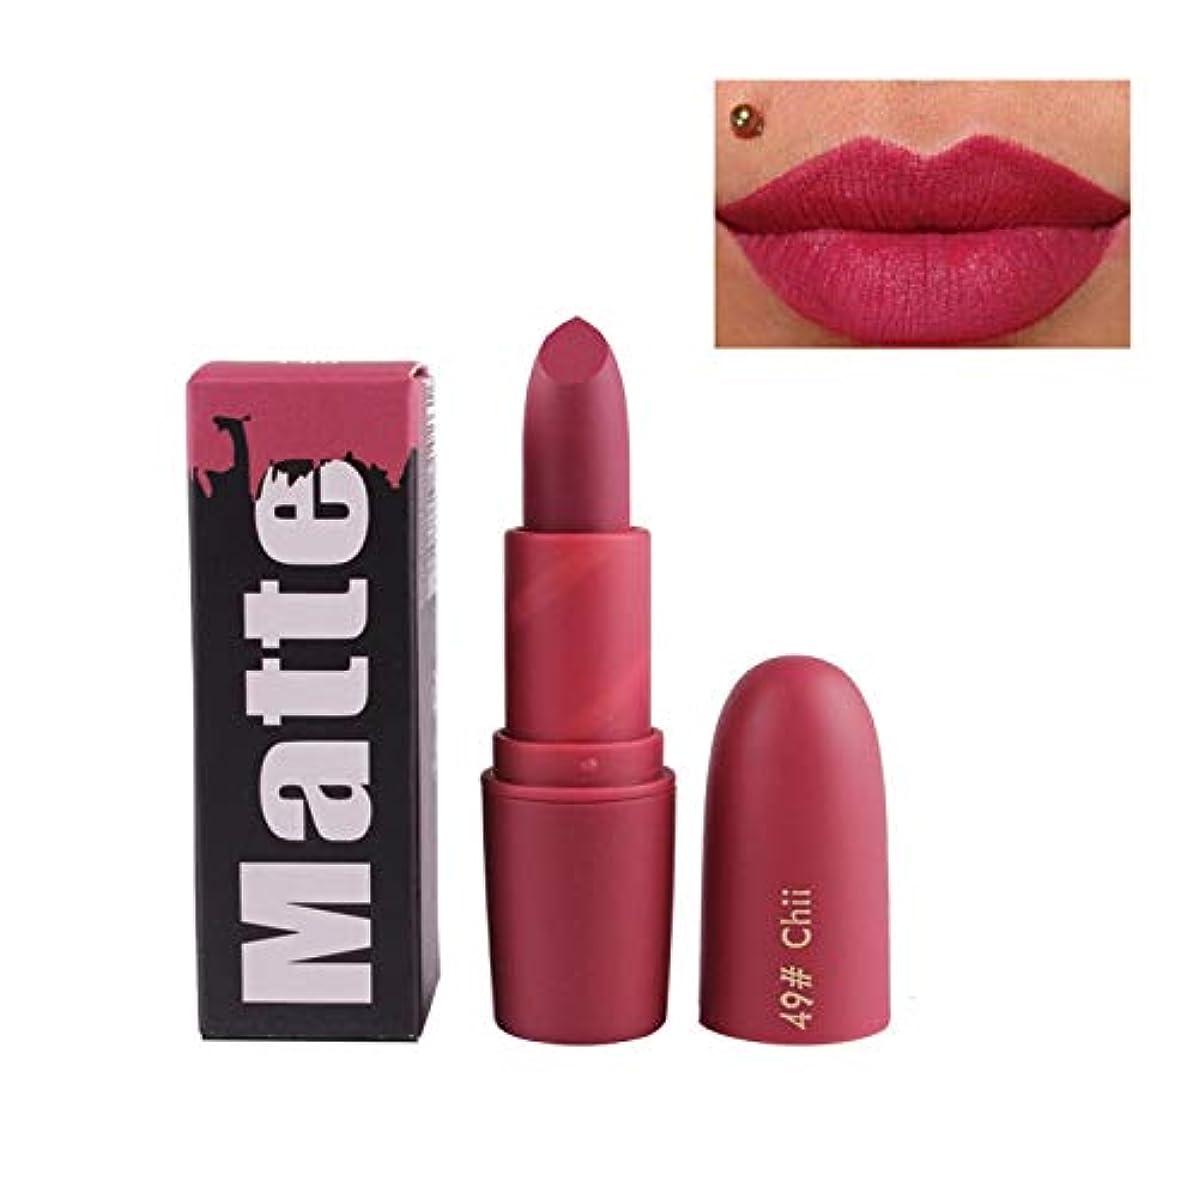 レビューその間怪しいSidiate - ミス?ローズヌード口紅マットメイクラスティング女性セクシーなブランドの唇の色の化粧品防水ロングのための新しい口紅